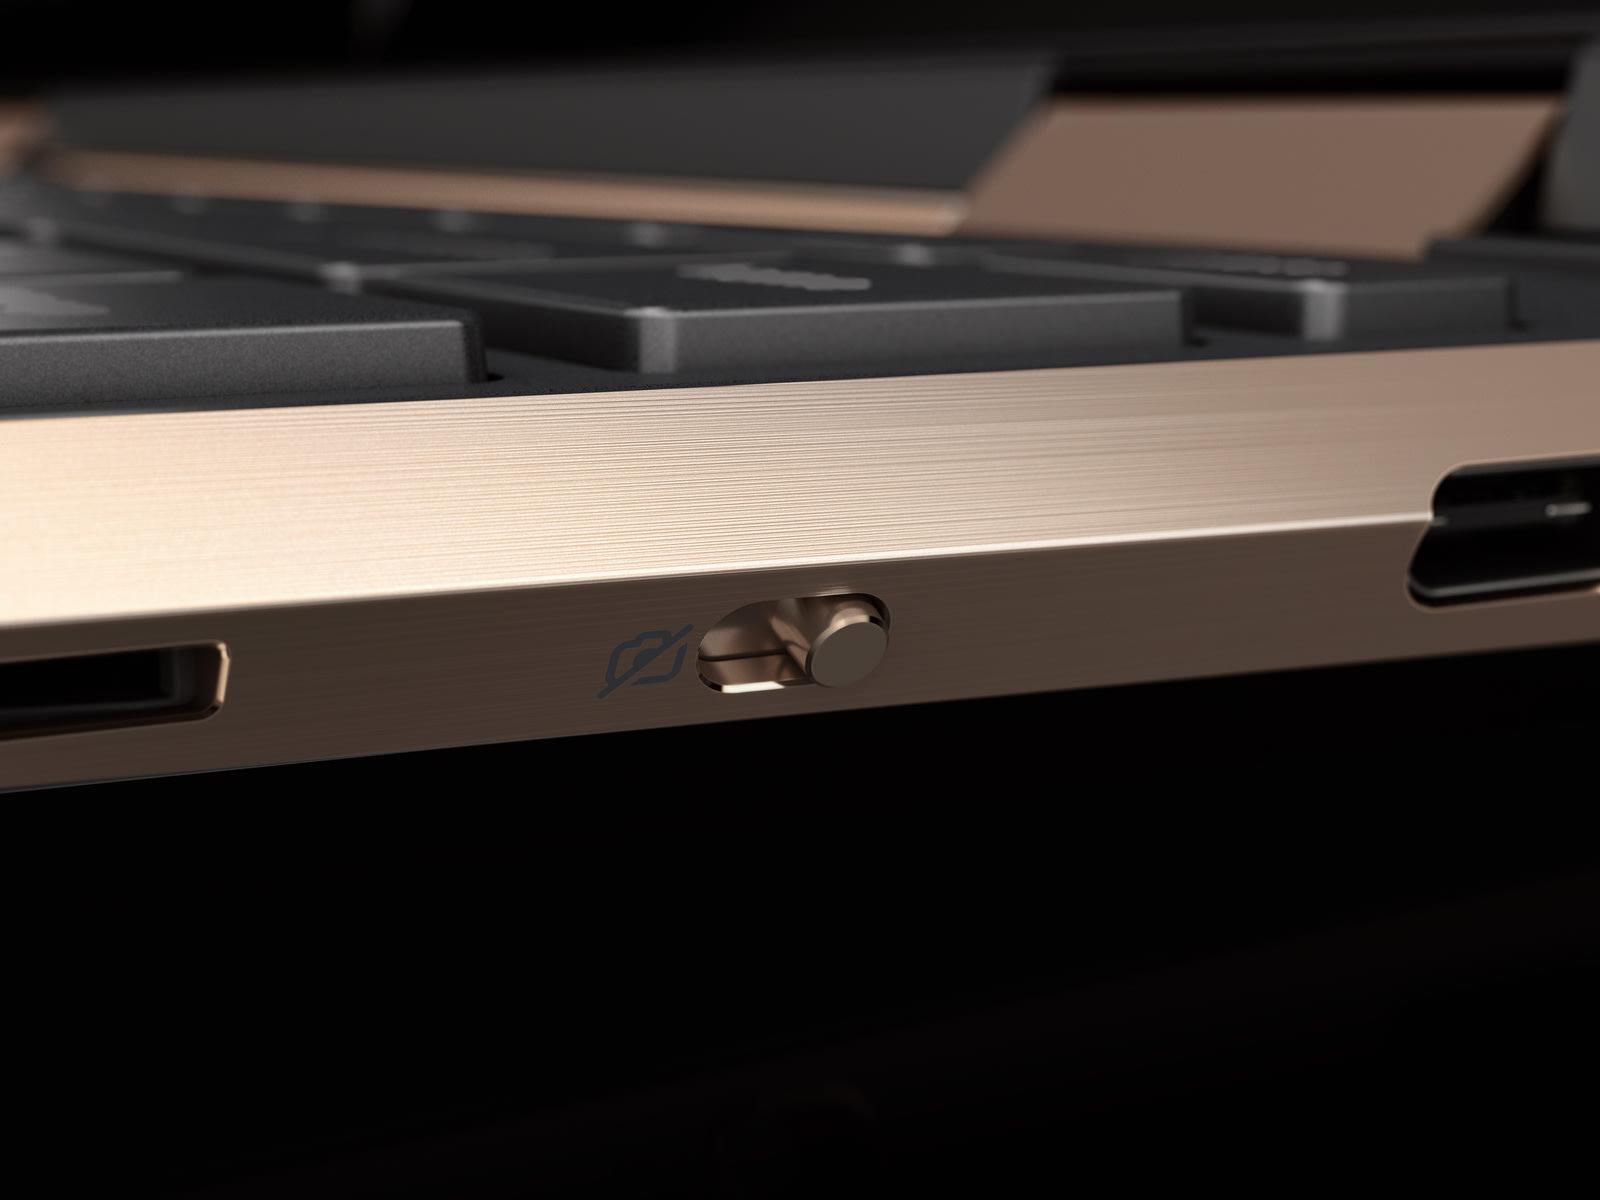 HP Spectre x360 webcam kill switch